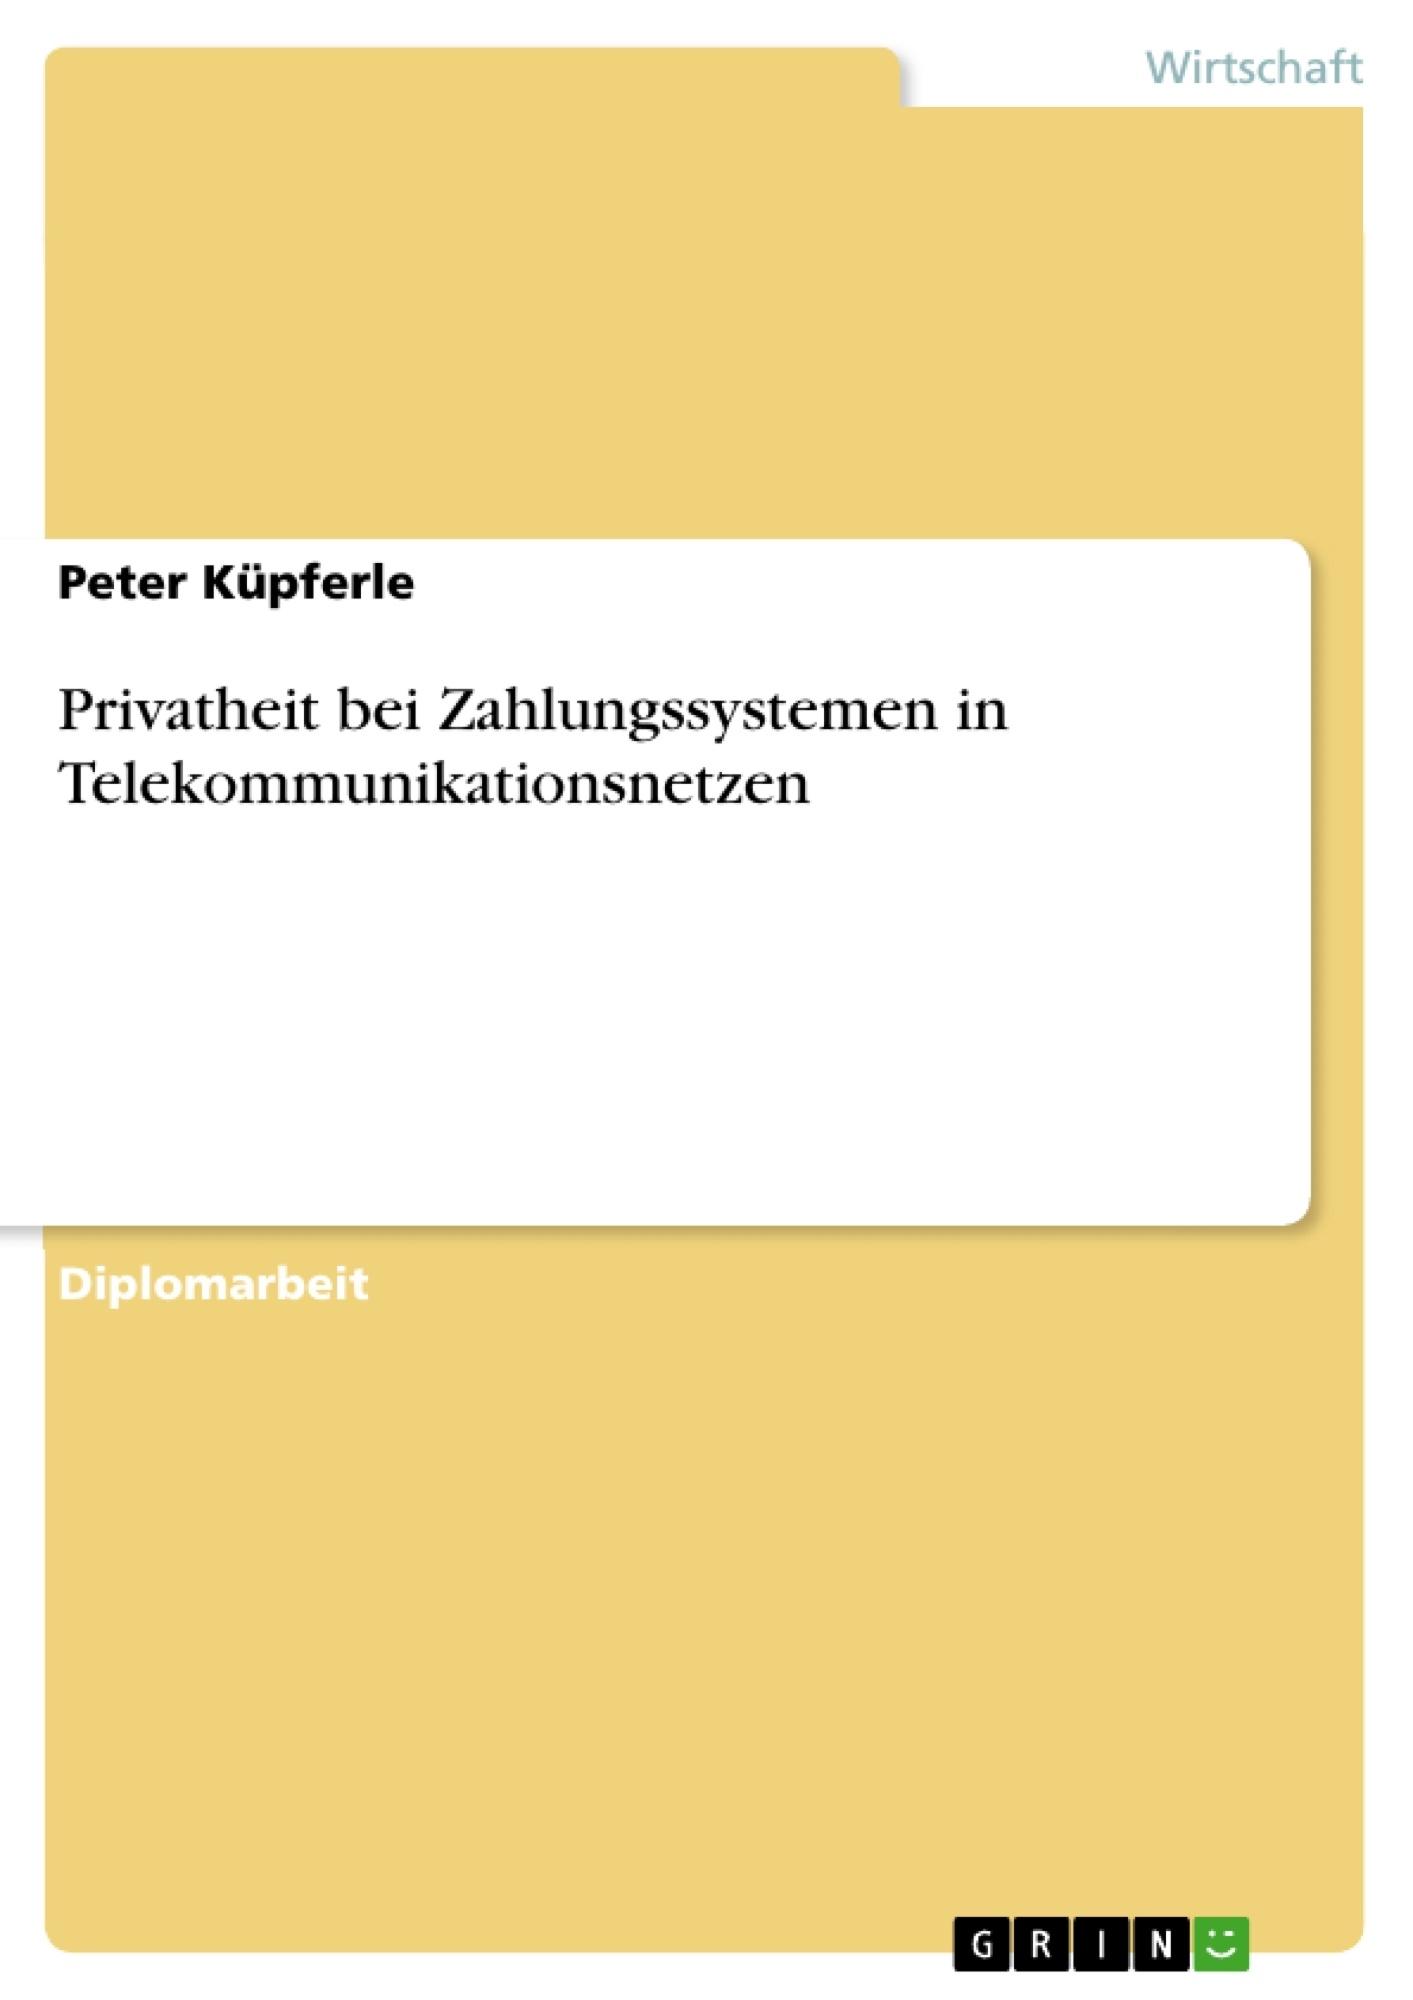 Titel: Privatheit bei Zahlungssystemen in Telekommunikationsnetzen